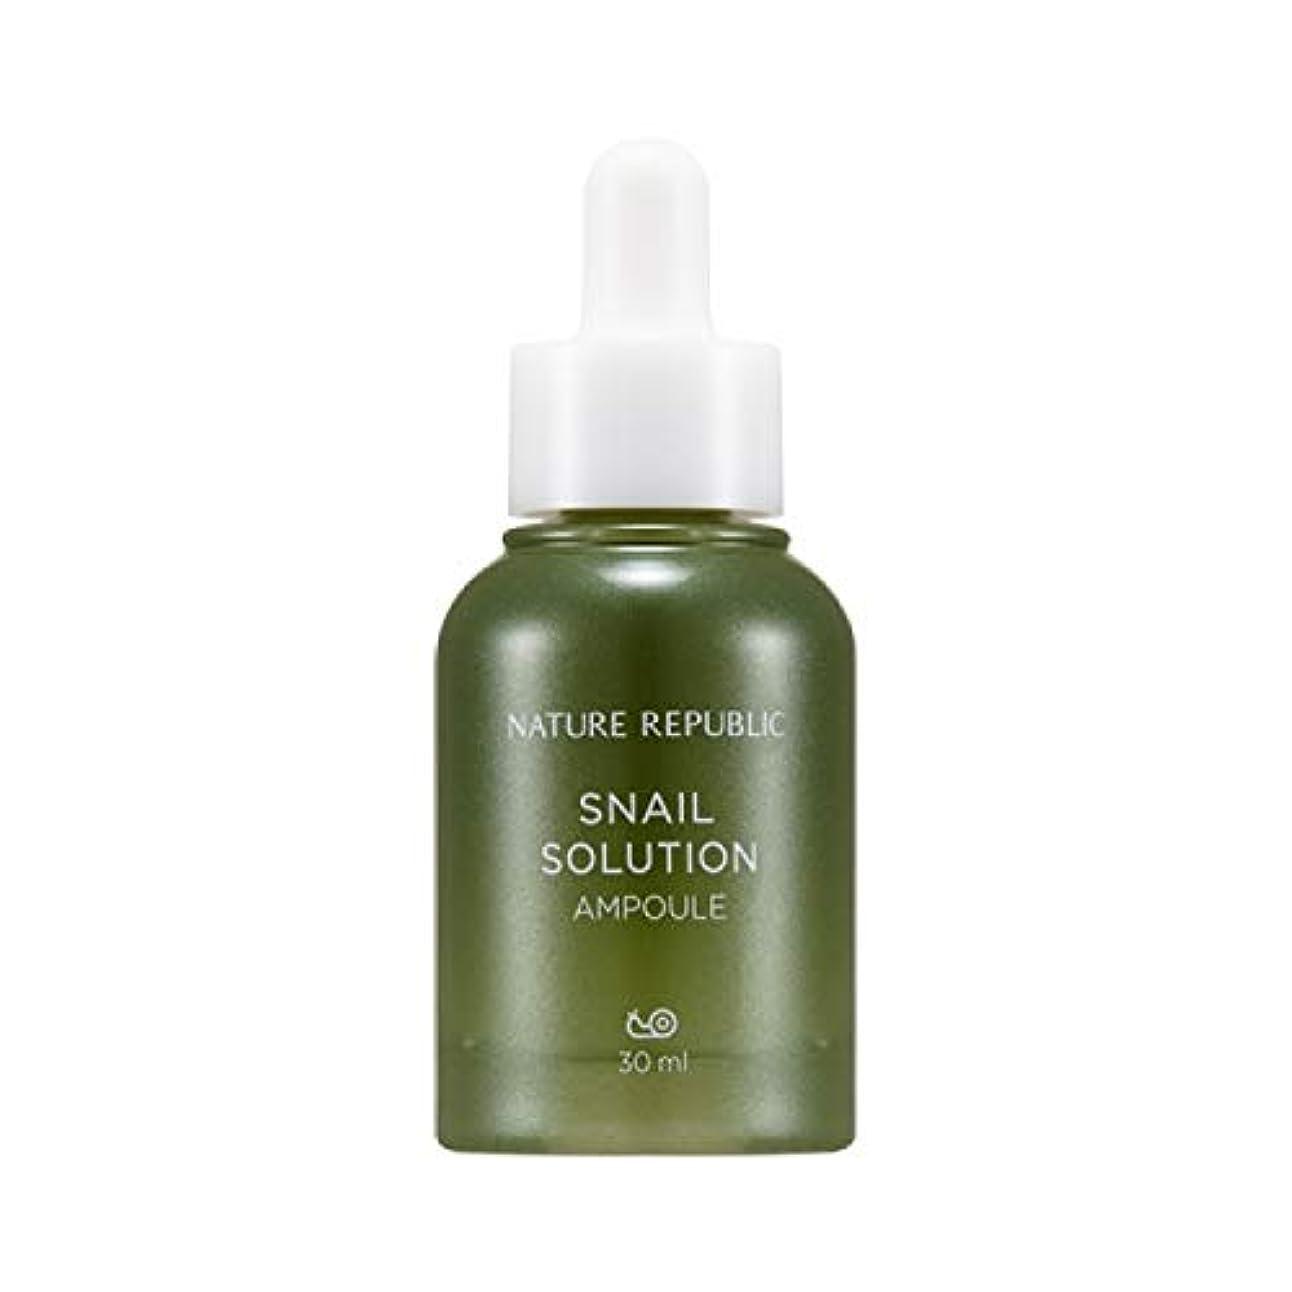 リーフレットハチ息切れネイチャーリパブリック(Nature Republic)カタツムリソリューションアンプル 30ml / Snail Solution Ampoule 30ml :: 韓国コスメ [並行輸入品]